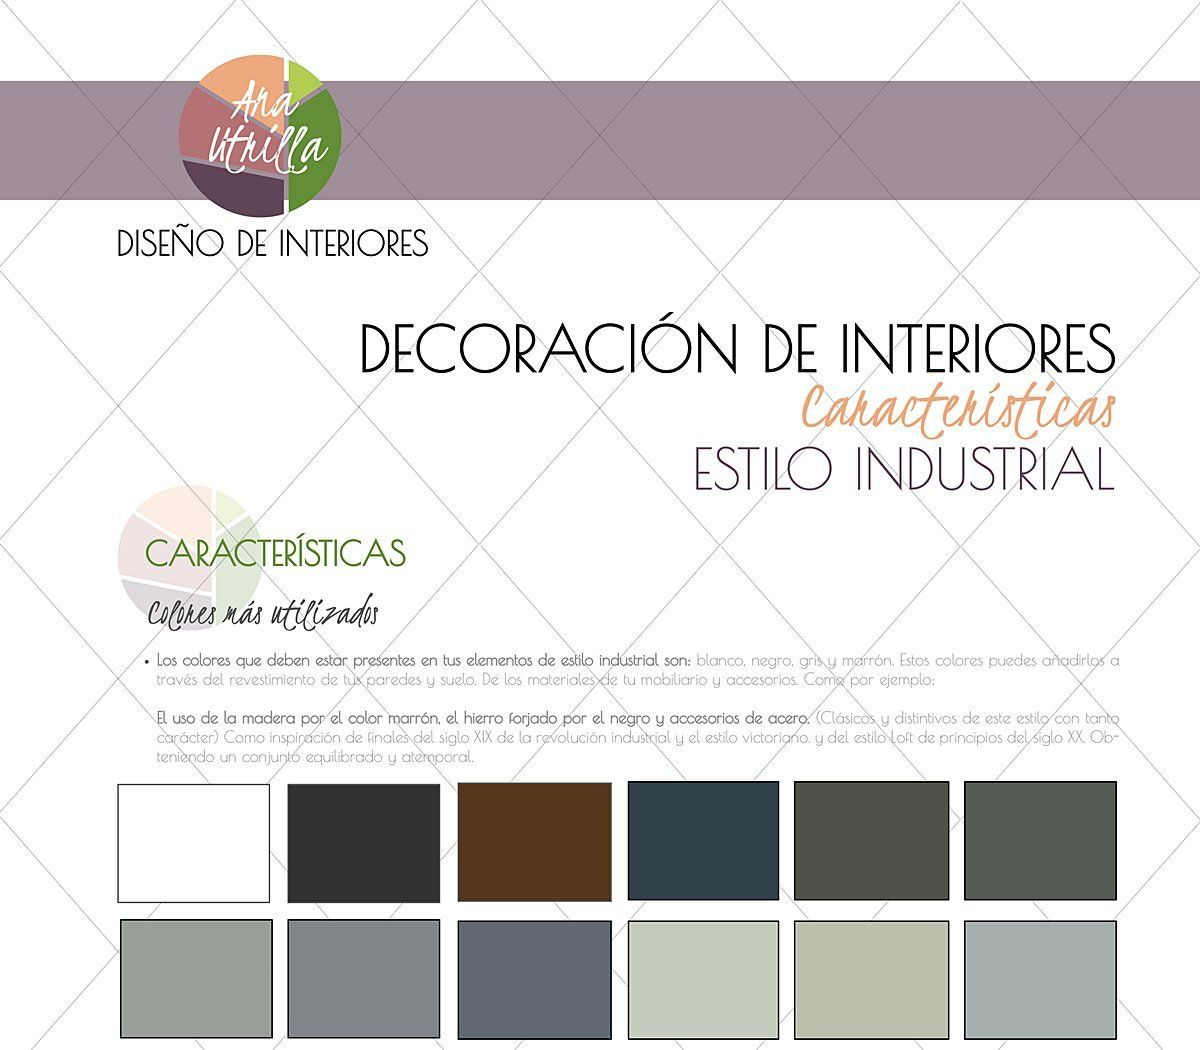 Estilo industrial en decoraci n de interiores dise o de for Que significa estilo minimalista